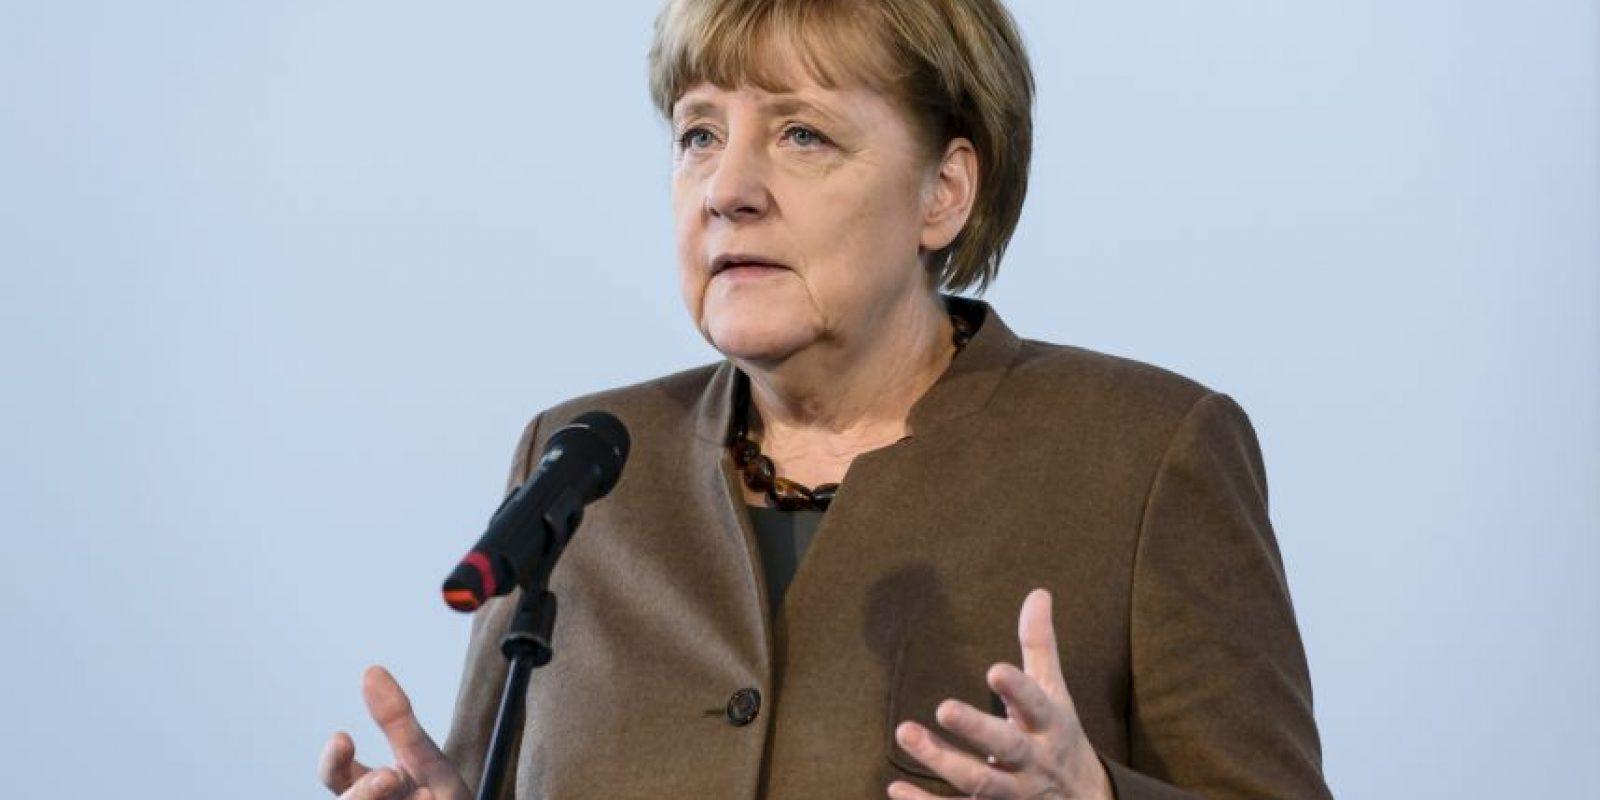 Las fotos que marcaron el 2015 de Angela Merkel Foto:Getty Images